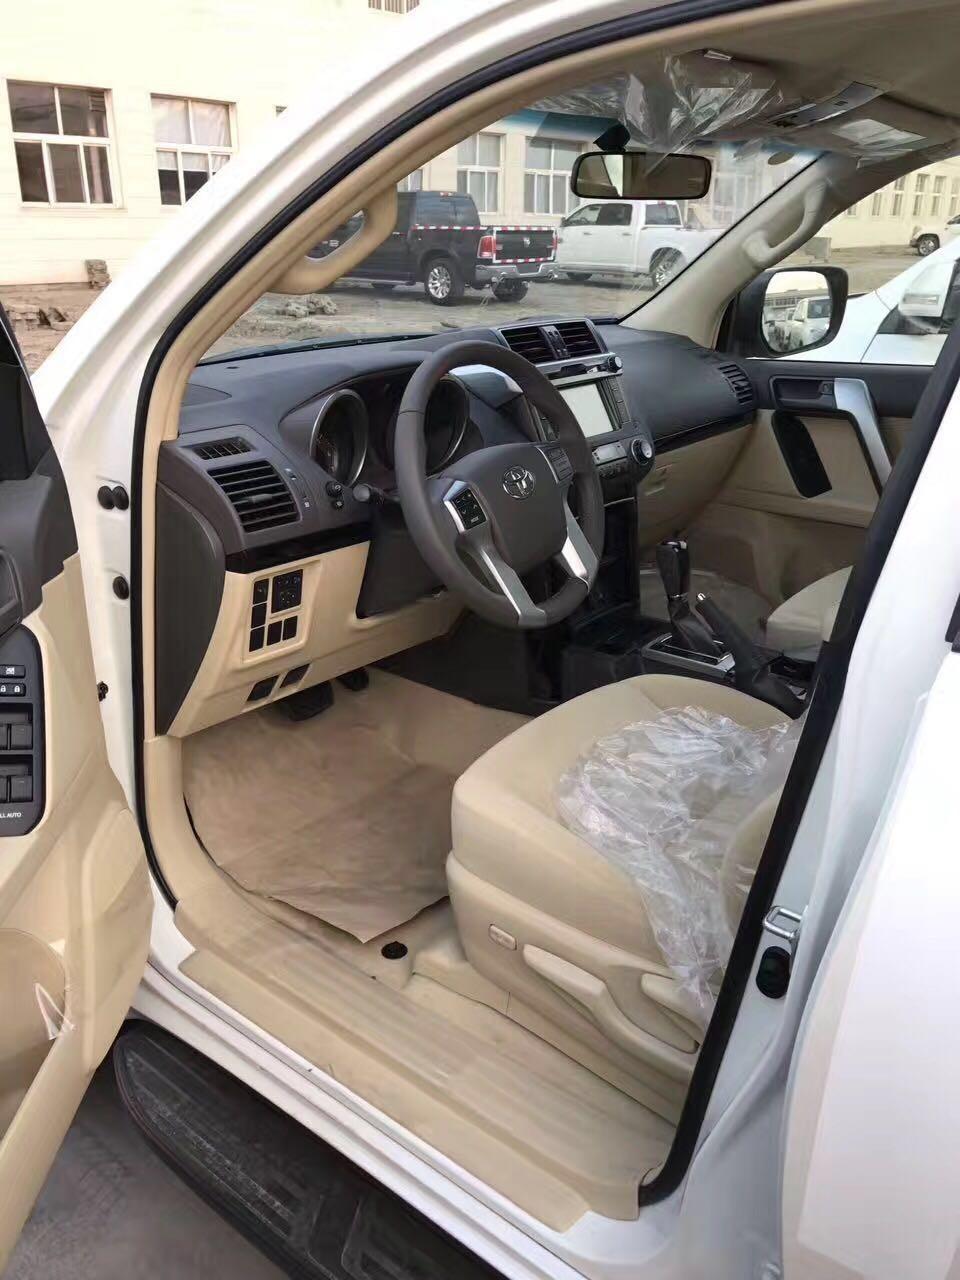 细节方面:17款丰田霸道4000TXL高品质音响系统为驾乘者营造出了一个高品质的、轻松休闲的车内环境。内饰的整体布局和样式上并没做太大的改动,依旧沿袭了进口版,从风格上看,更趋向于轿车,彰显着这位越野硬汉的实用性。